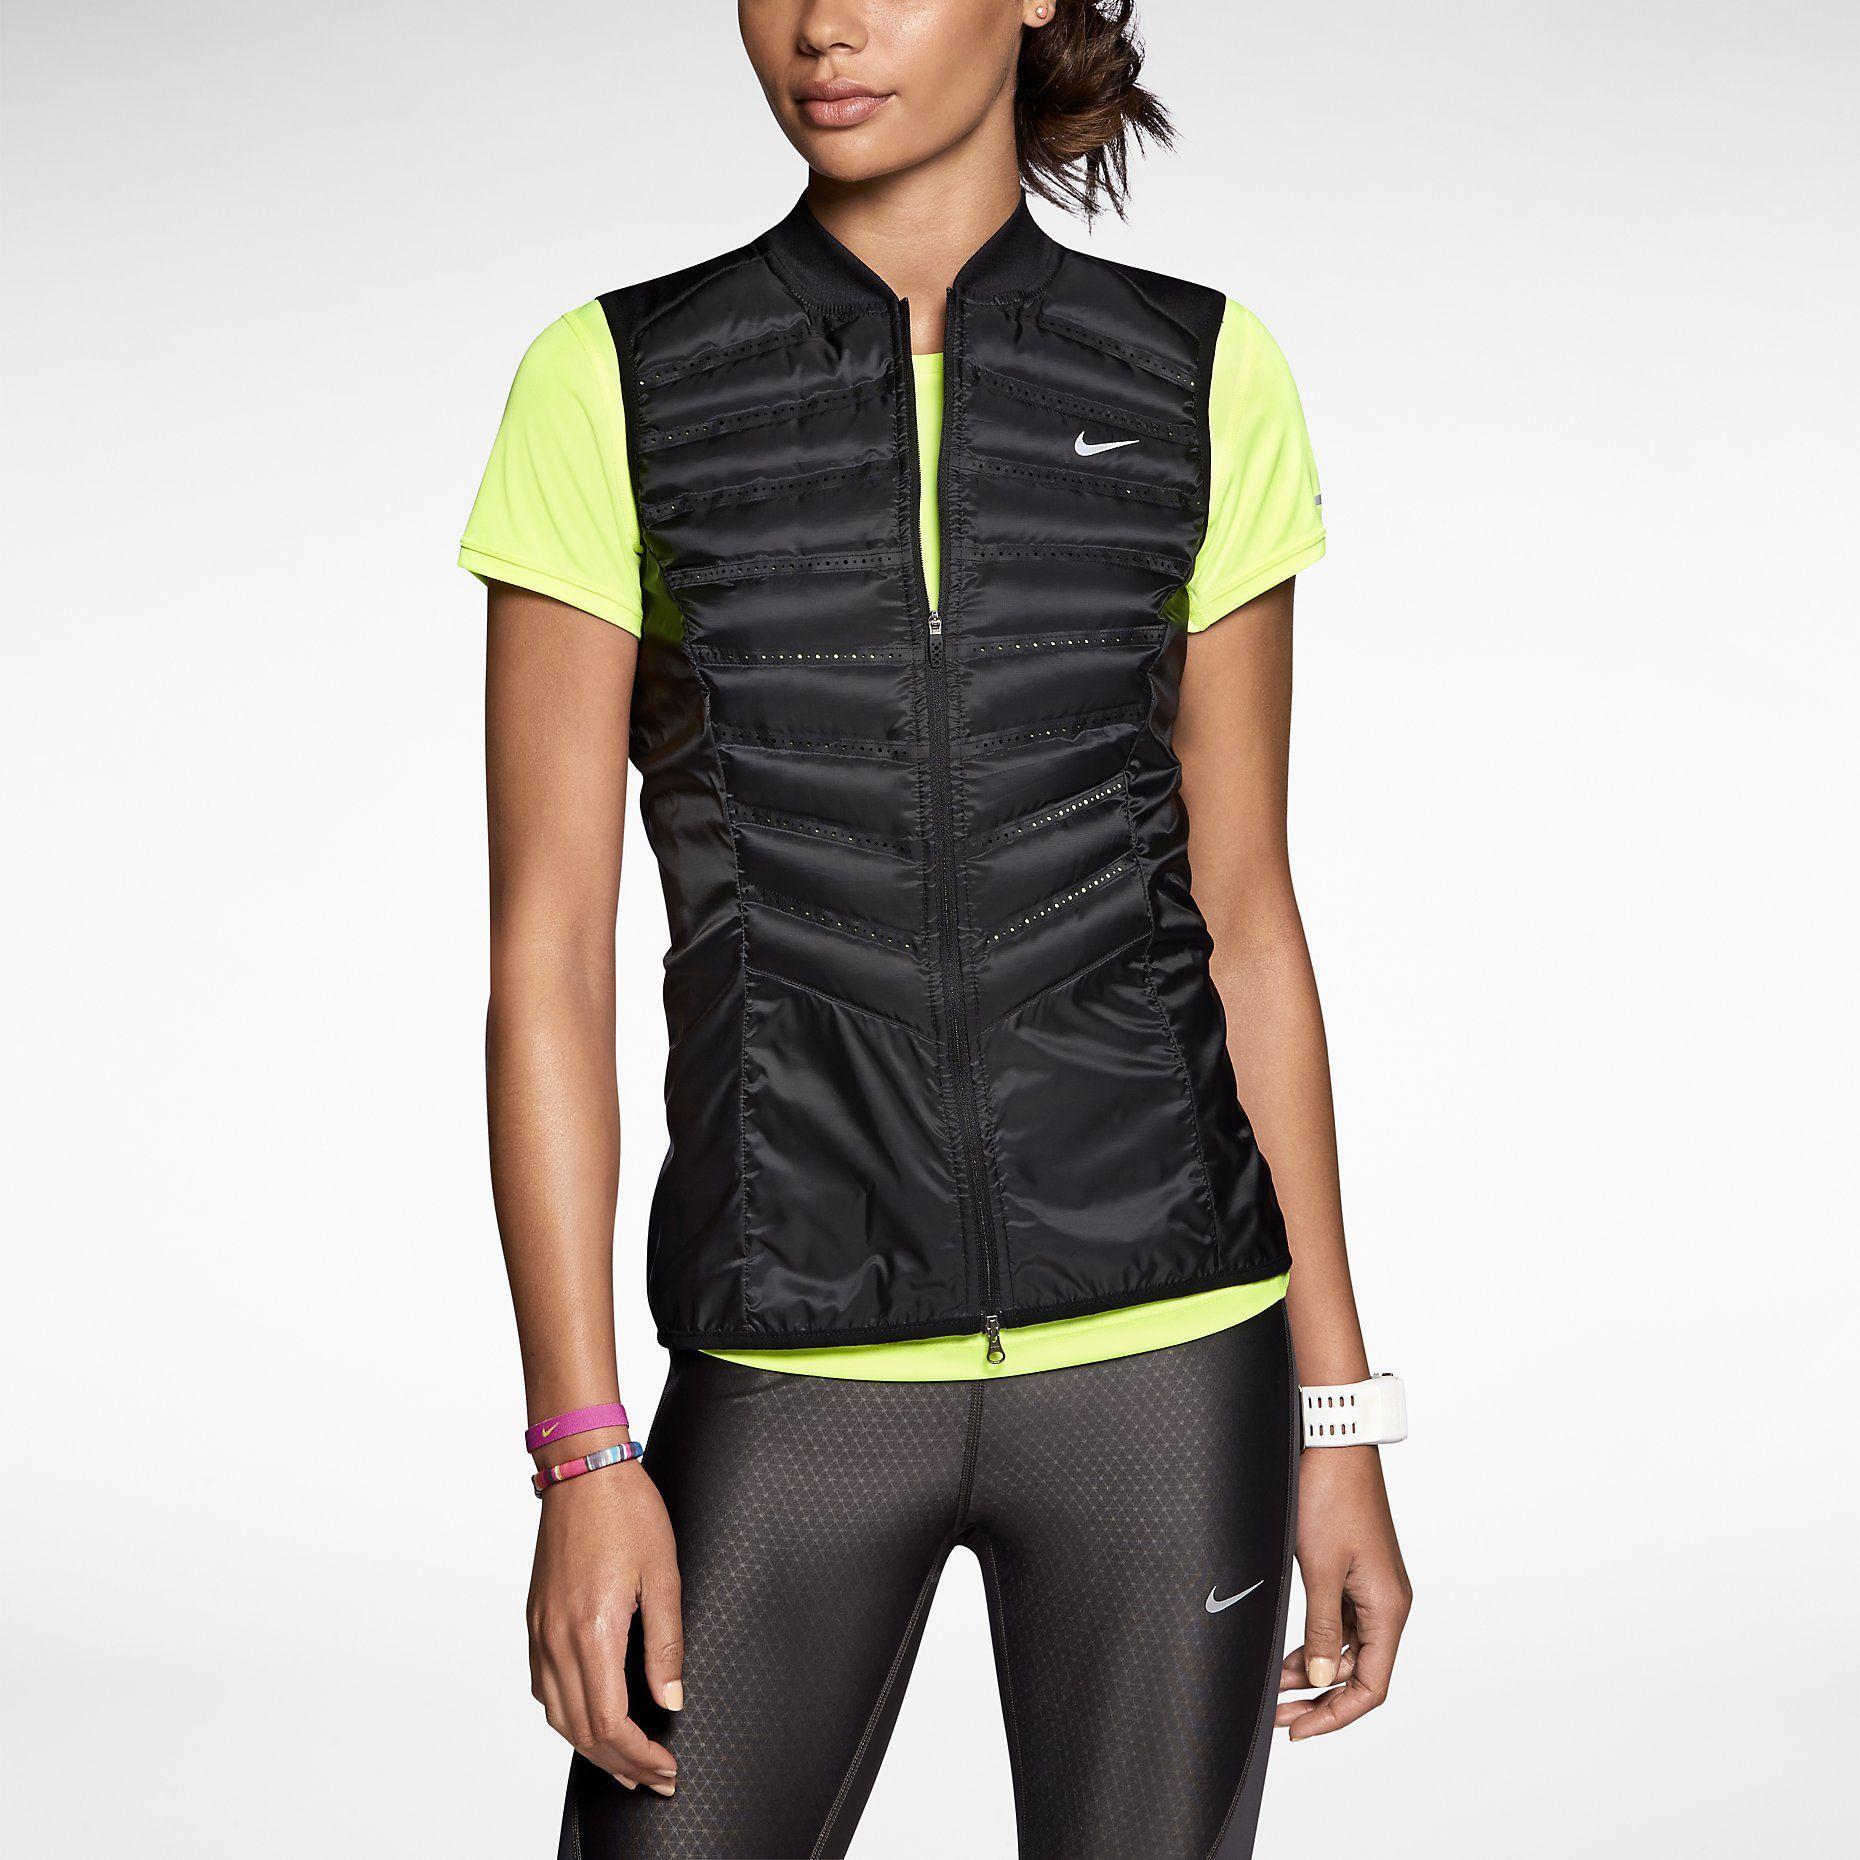 wholesale dealer 3cb3e 6ed4e Nike Aeroloft 800 – Veste sans manches de running pour Femme. Nike Store FR